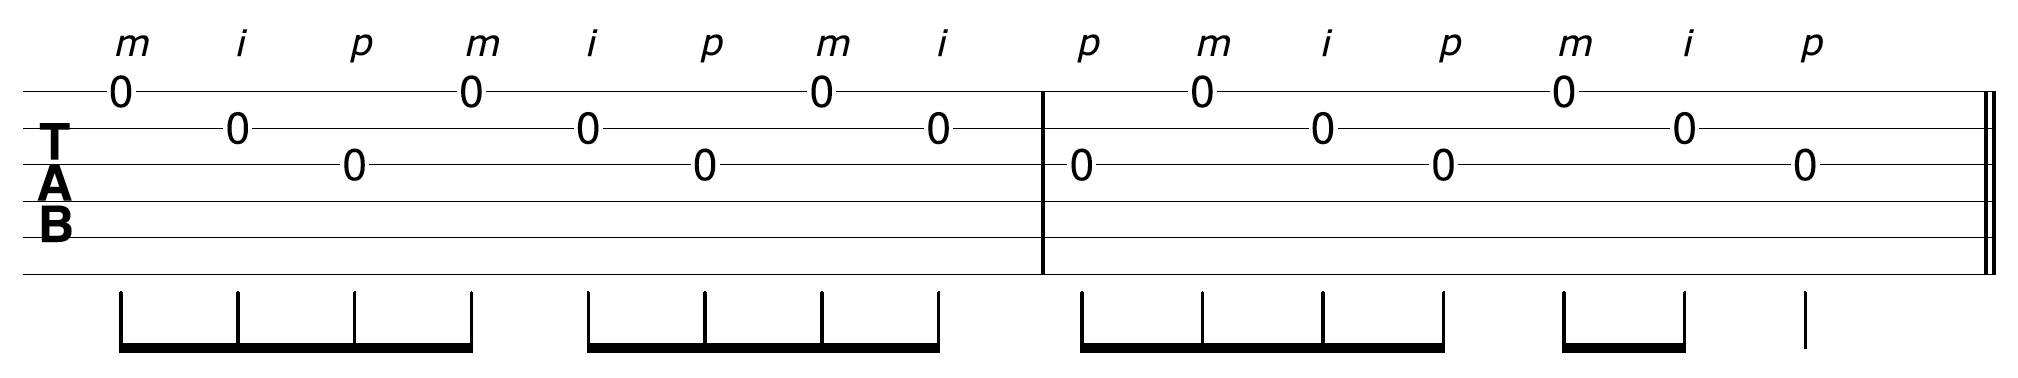 Open String Acoustic Solo Pattern - Backward Banjo Roll